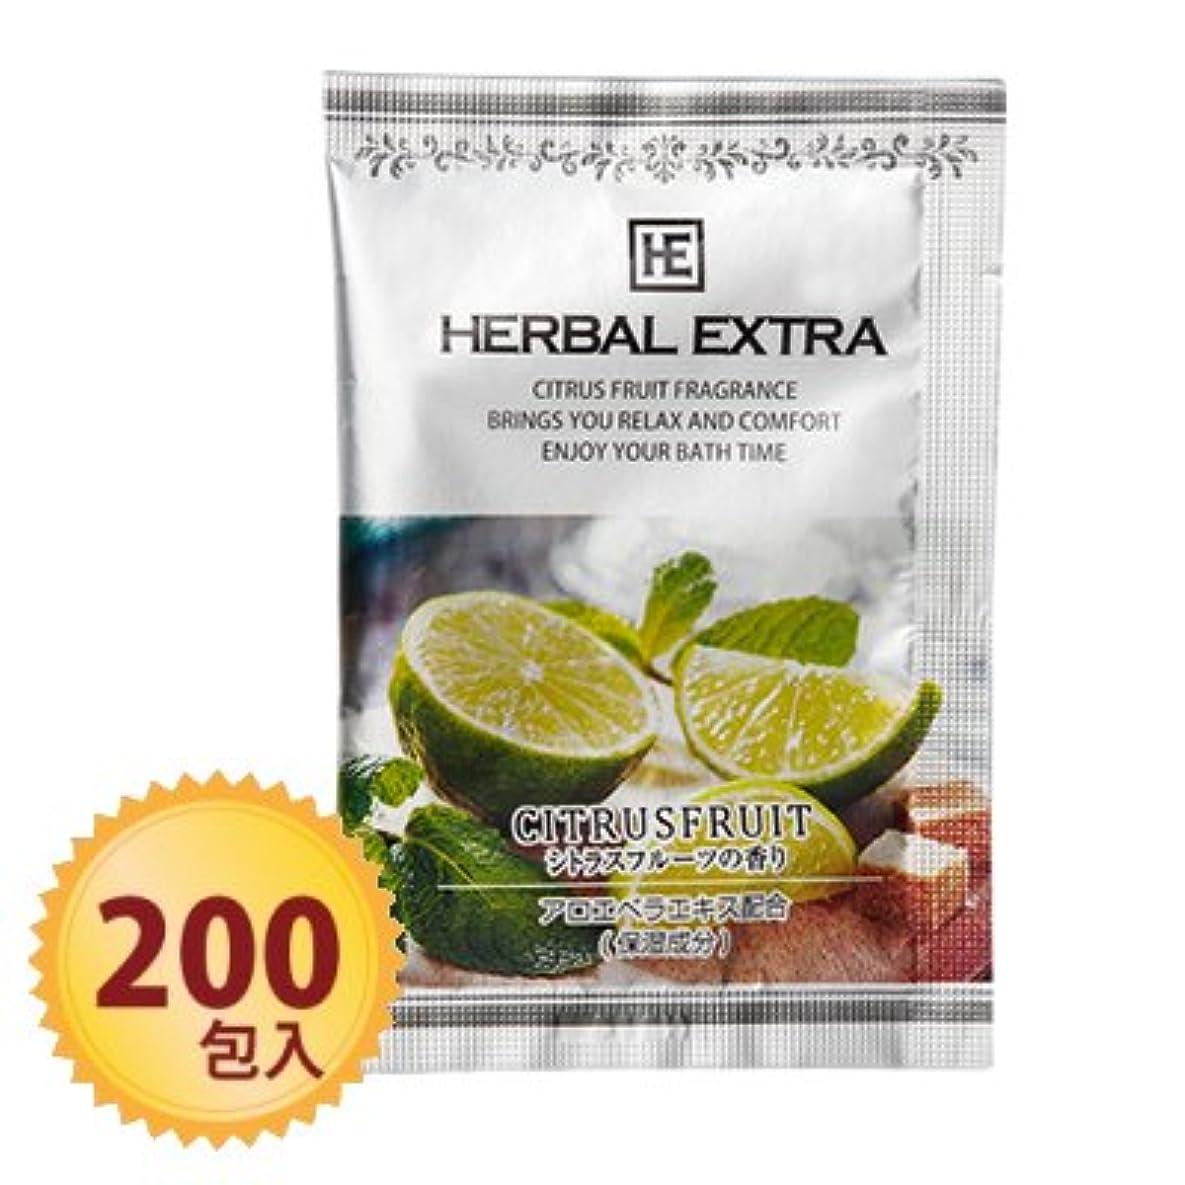 スリーブ寛容古代ハーバルエクストラBS シトラスフルーツの香り 20g×200個